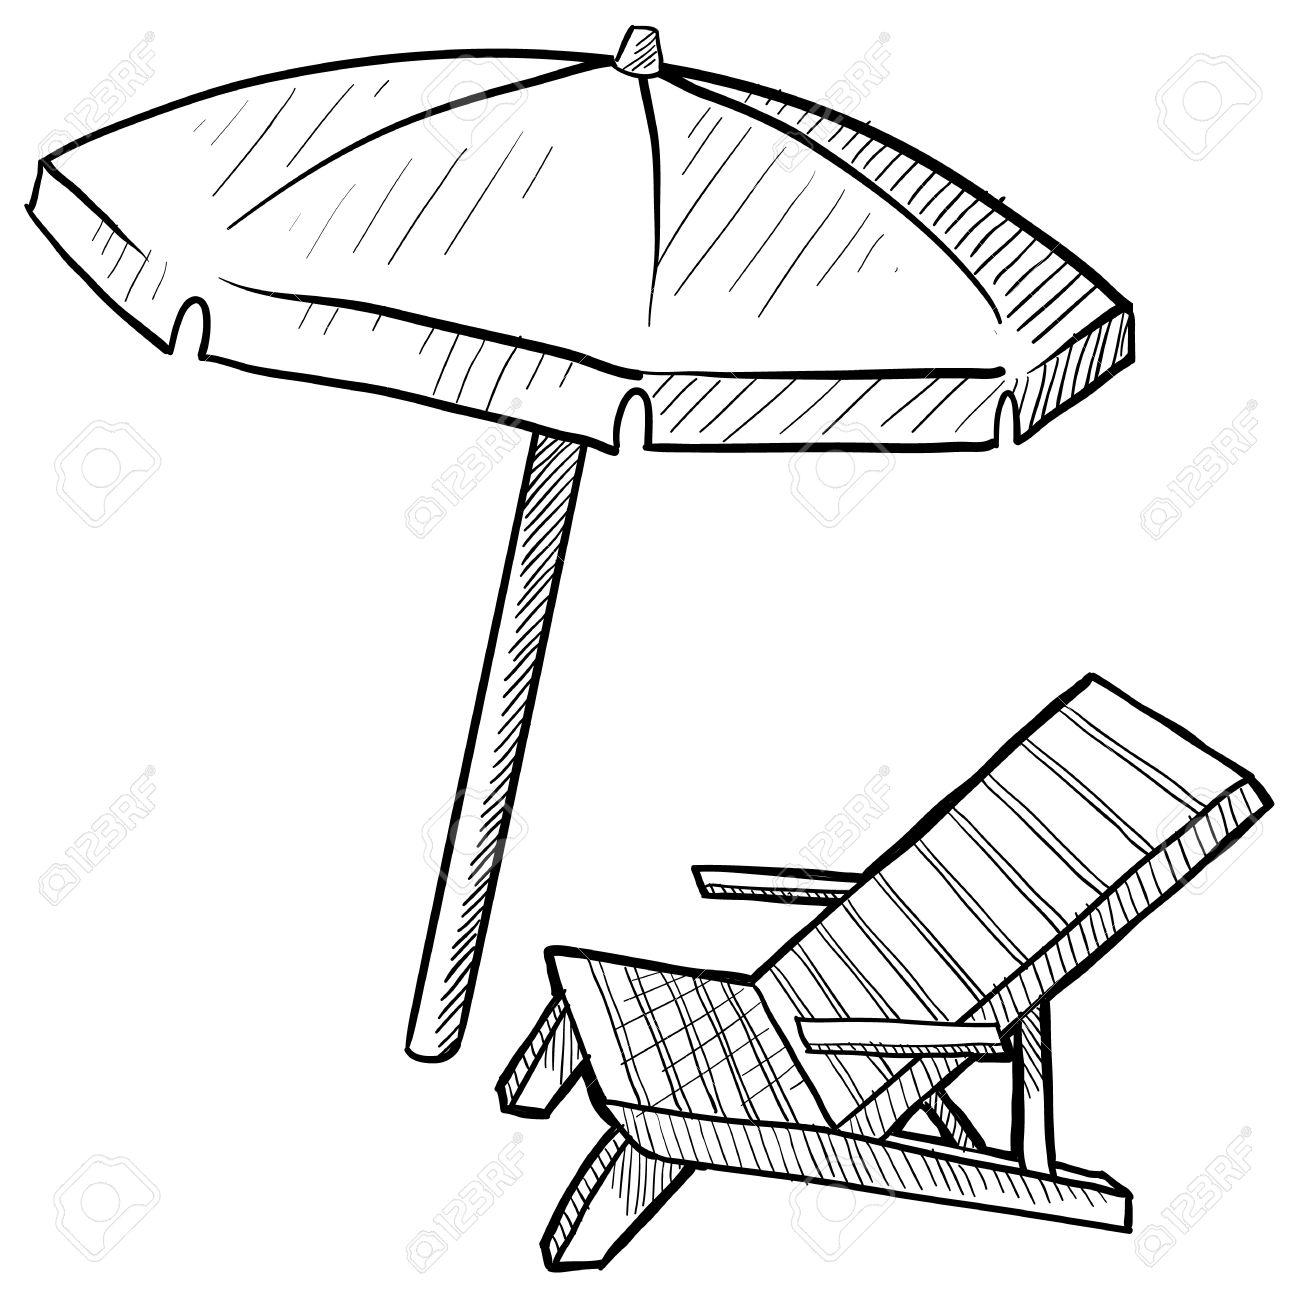 Beach chair and umbrella black and white - Beach Chair Doodle Style Beach Chair And Umbrella